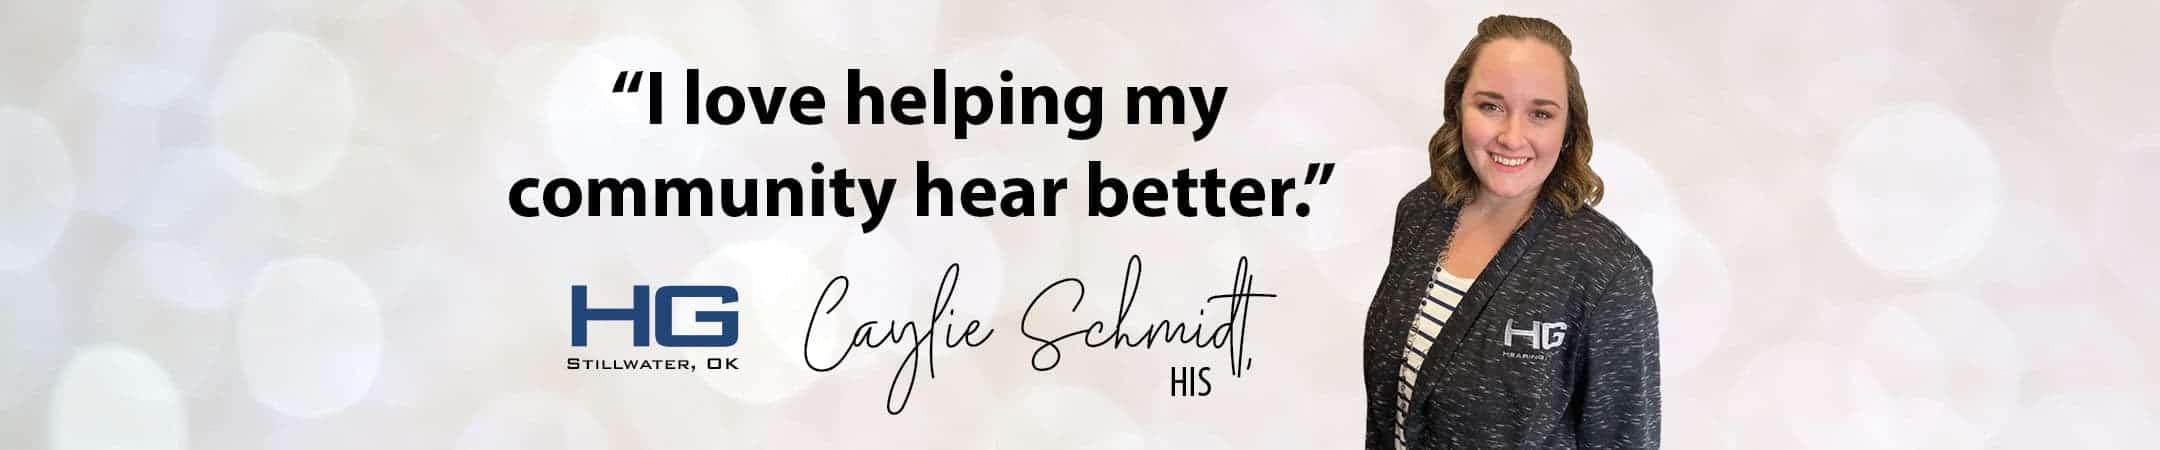 Caylie Schmidt